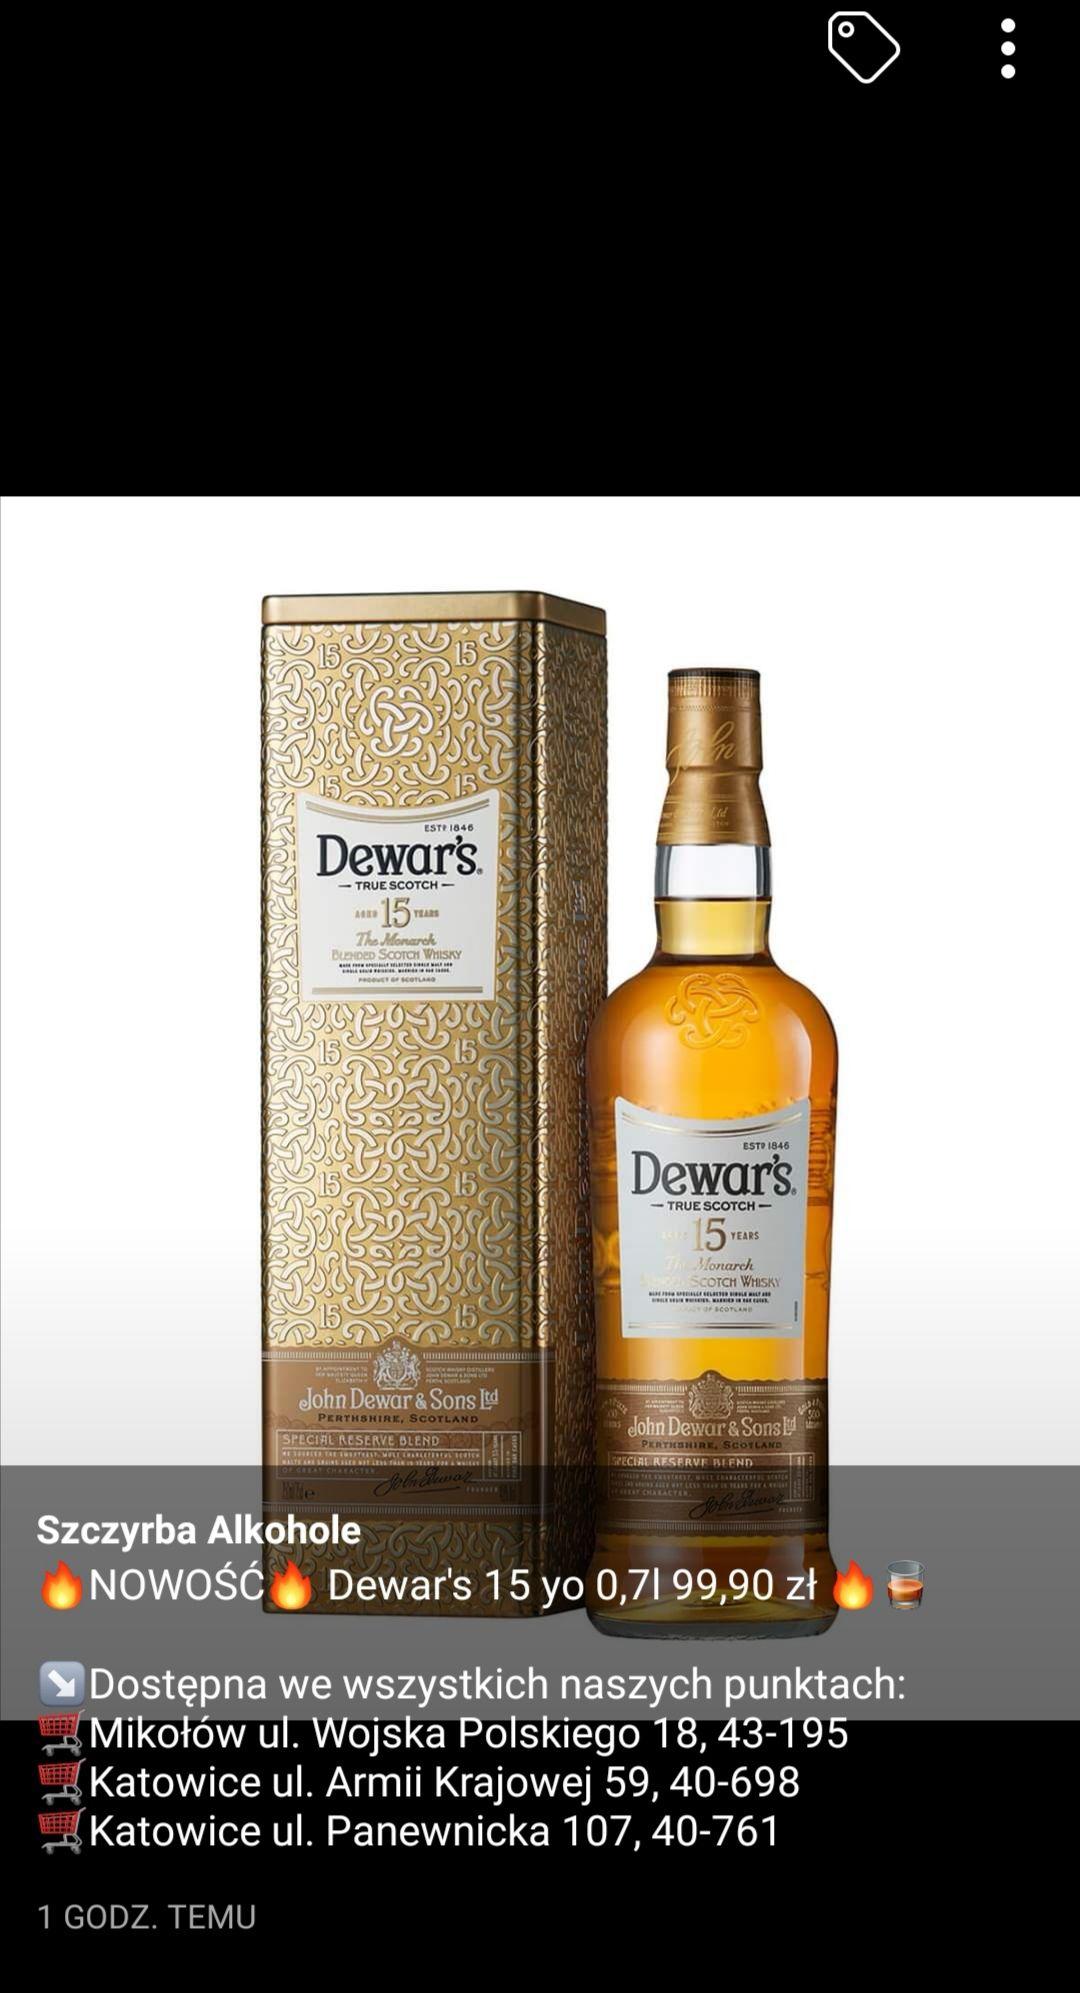 Whisky Dewar's 15YO w szczyrbaalkohole